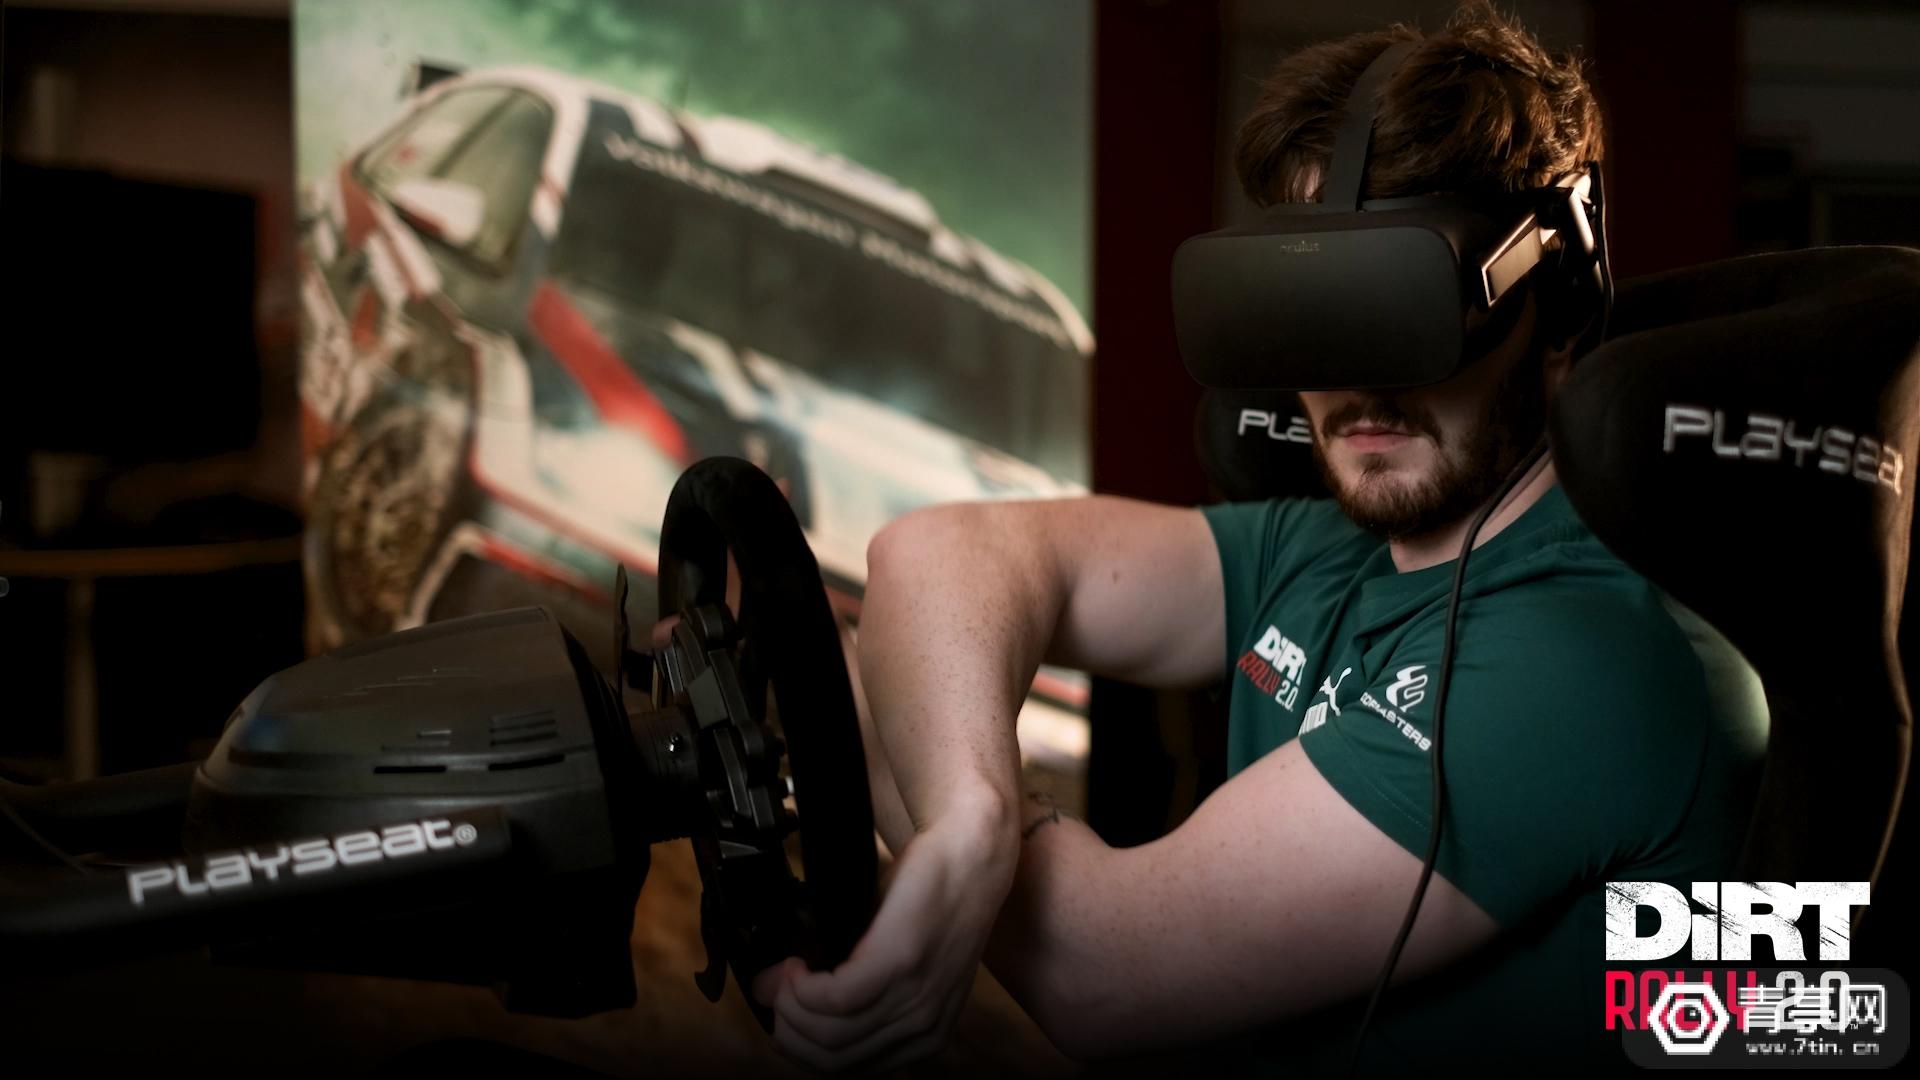 《尘埃拉力赛 2.0》VR模式正式上线,支持Vive/Rift/Index